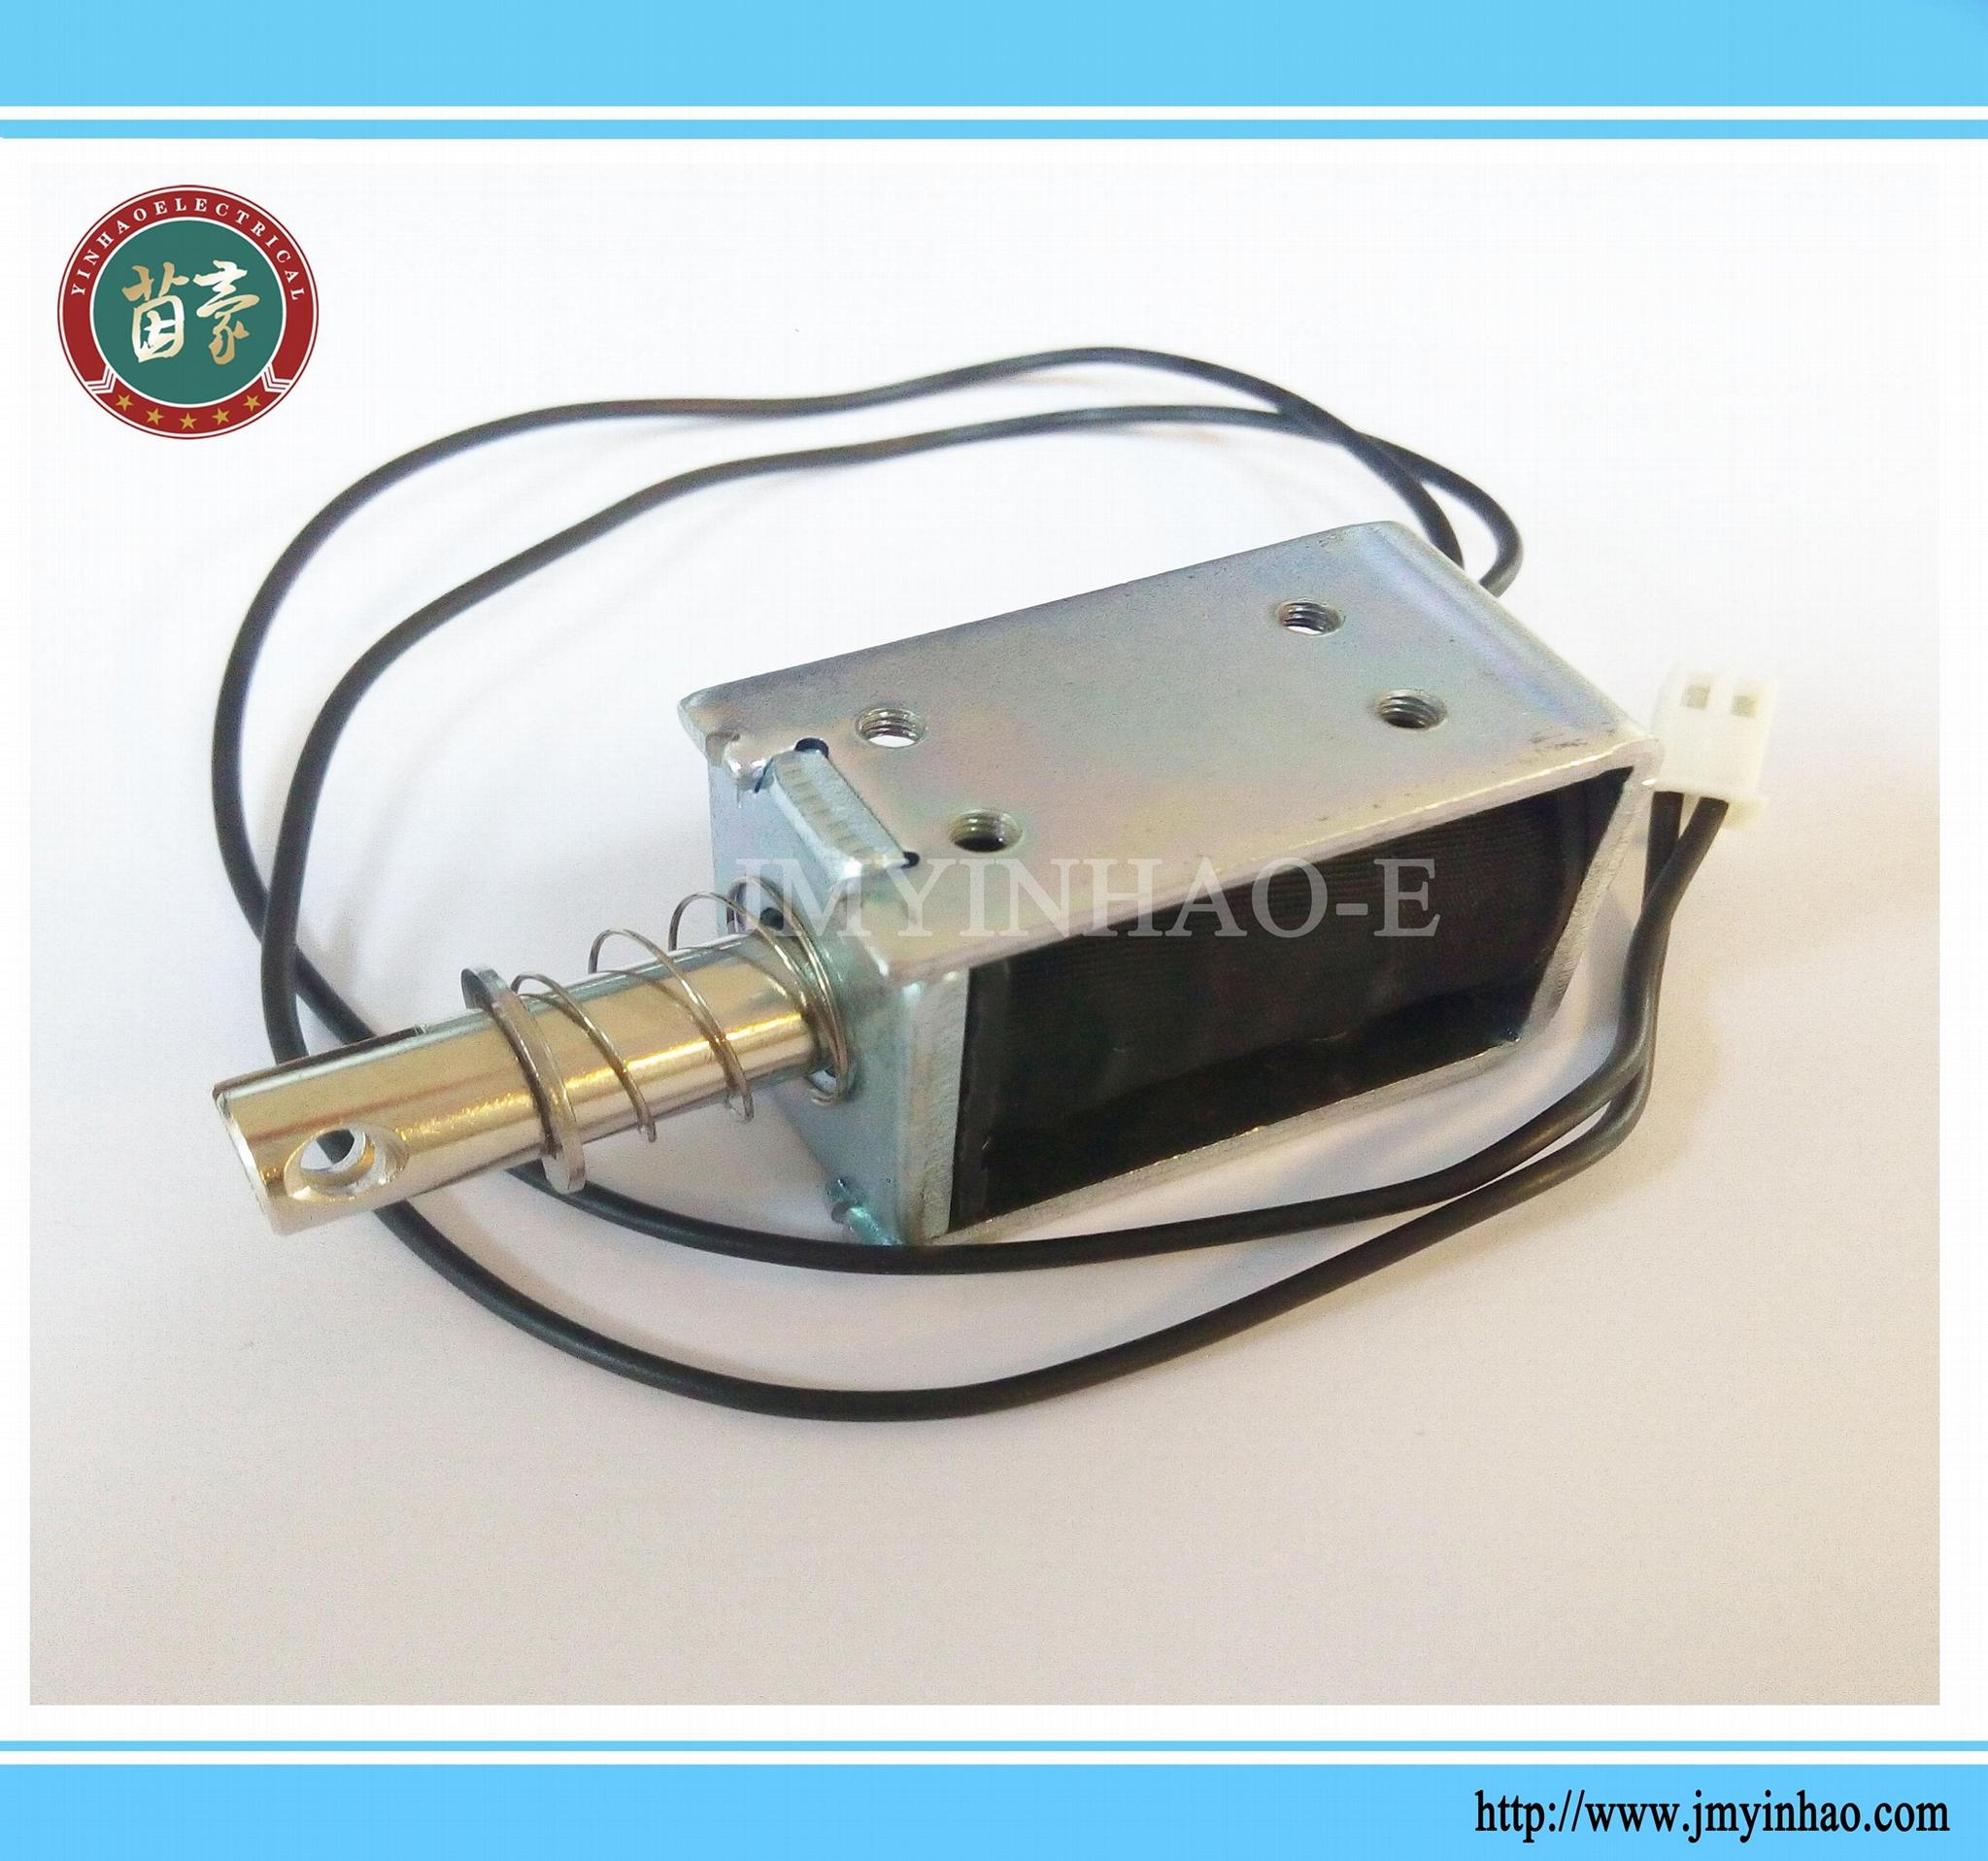 推拉式電磁鐵 1